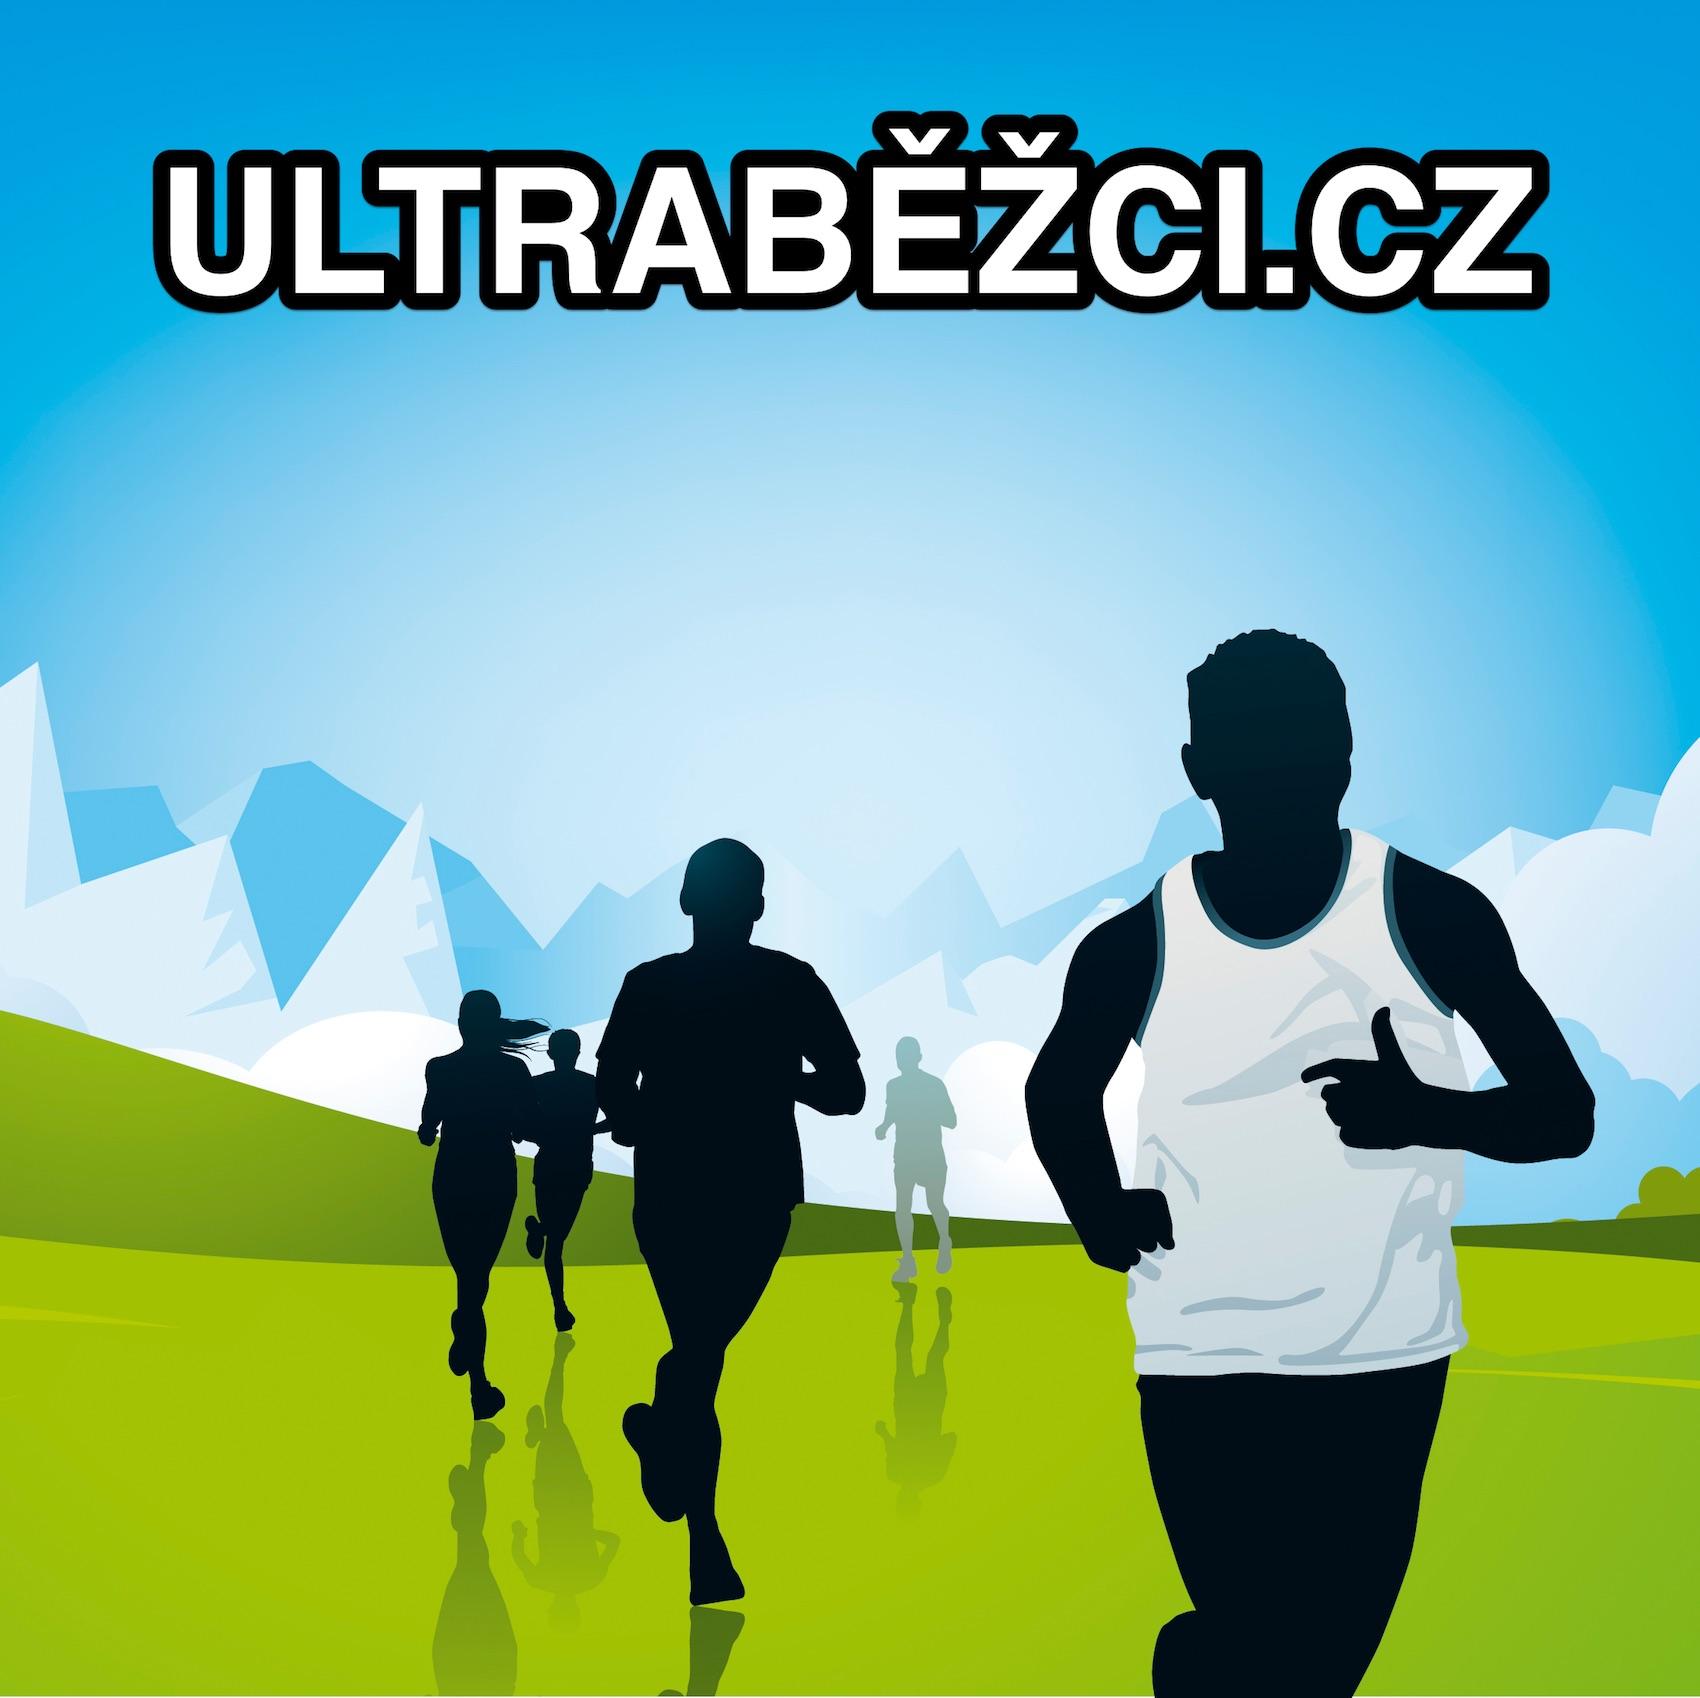 Ultra běžci